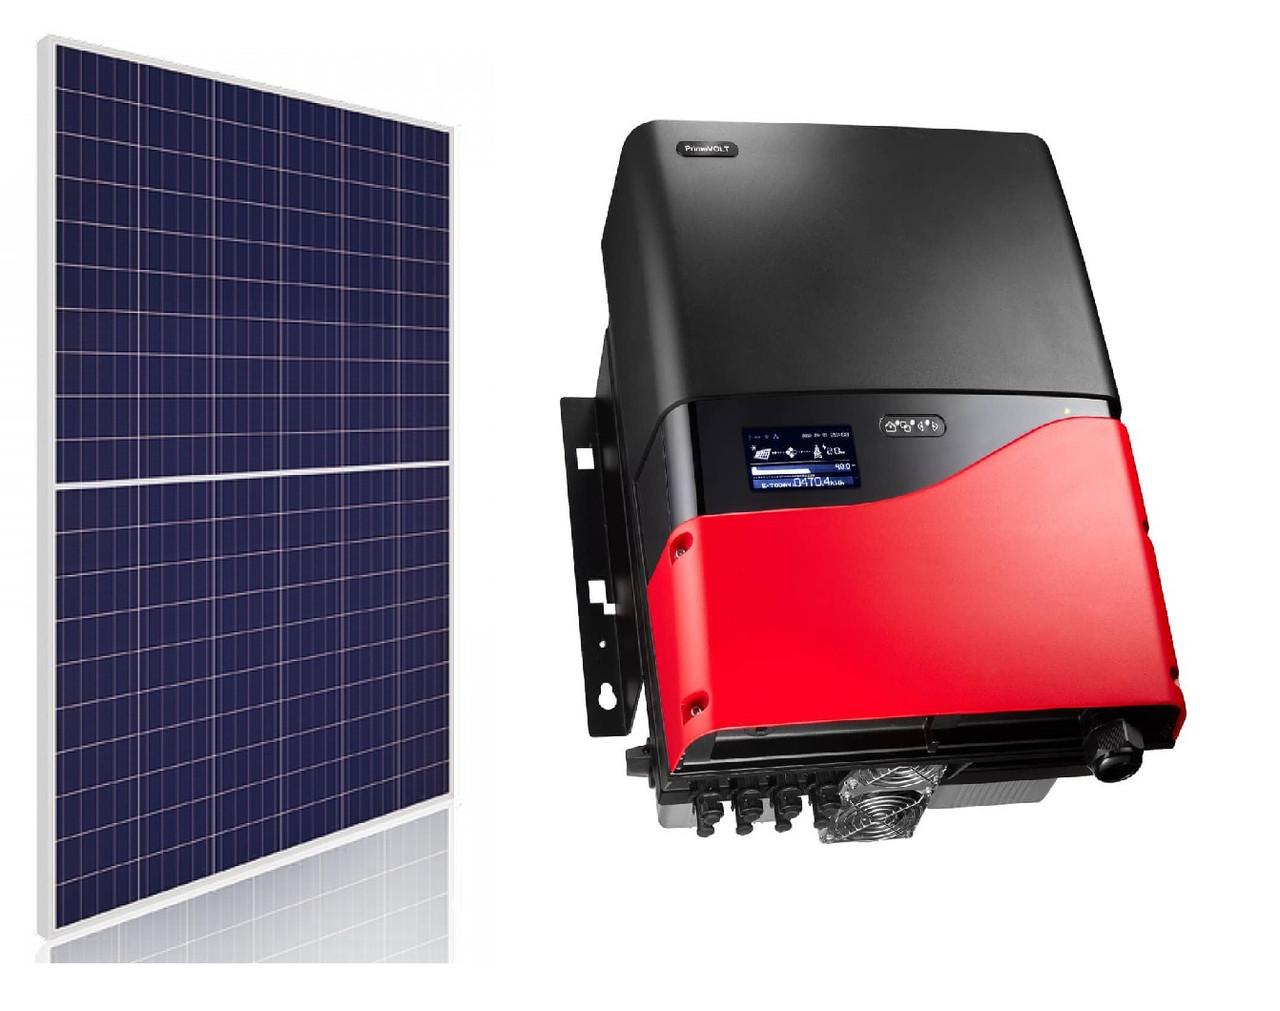 Комплект обладнання для сонячної електростанції 10 кВт (37 ФЕМ ABi-Solar AB280-60PHC + інвертор PrimeVOLT PV-10000T-U)